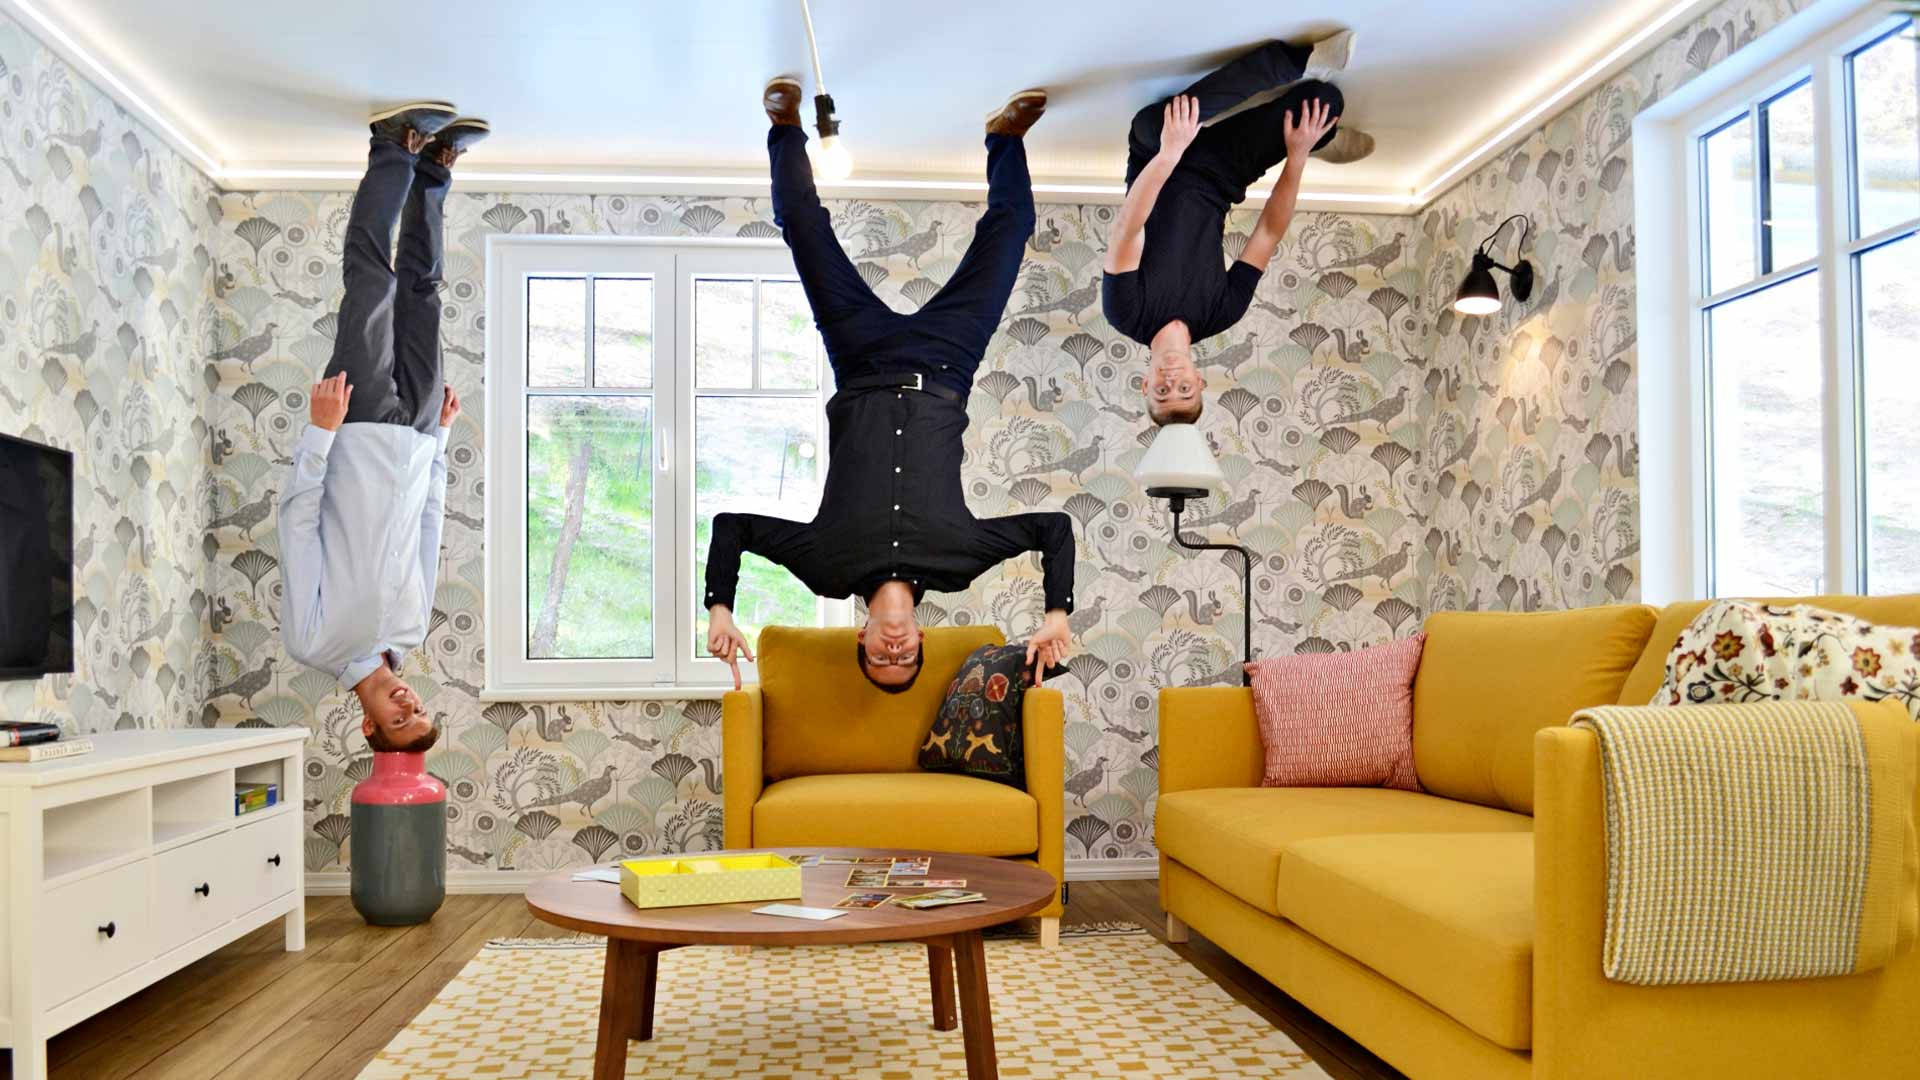 Ota hauskoja kuvia: Kaikki huonekalut ovat lattian sijaan kiinni katossa.